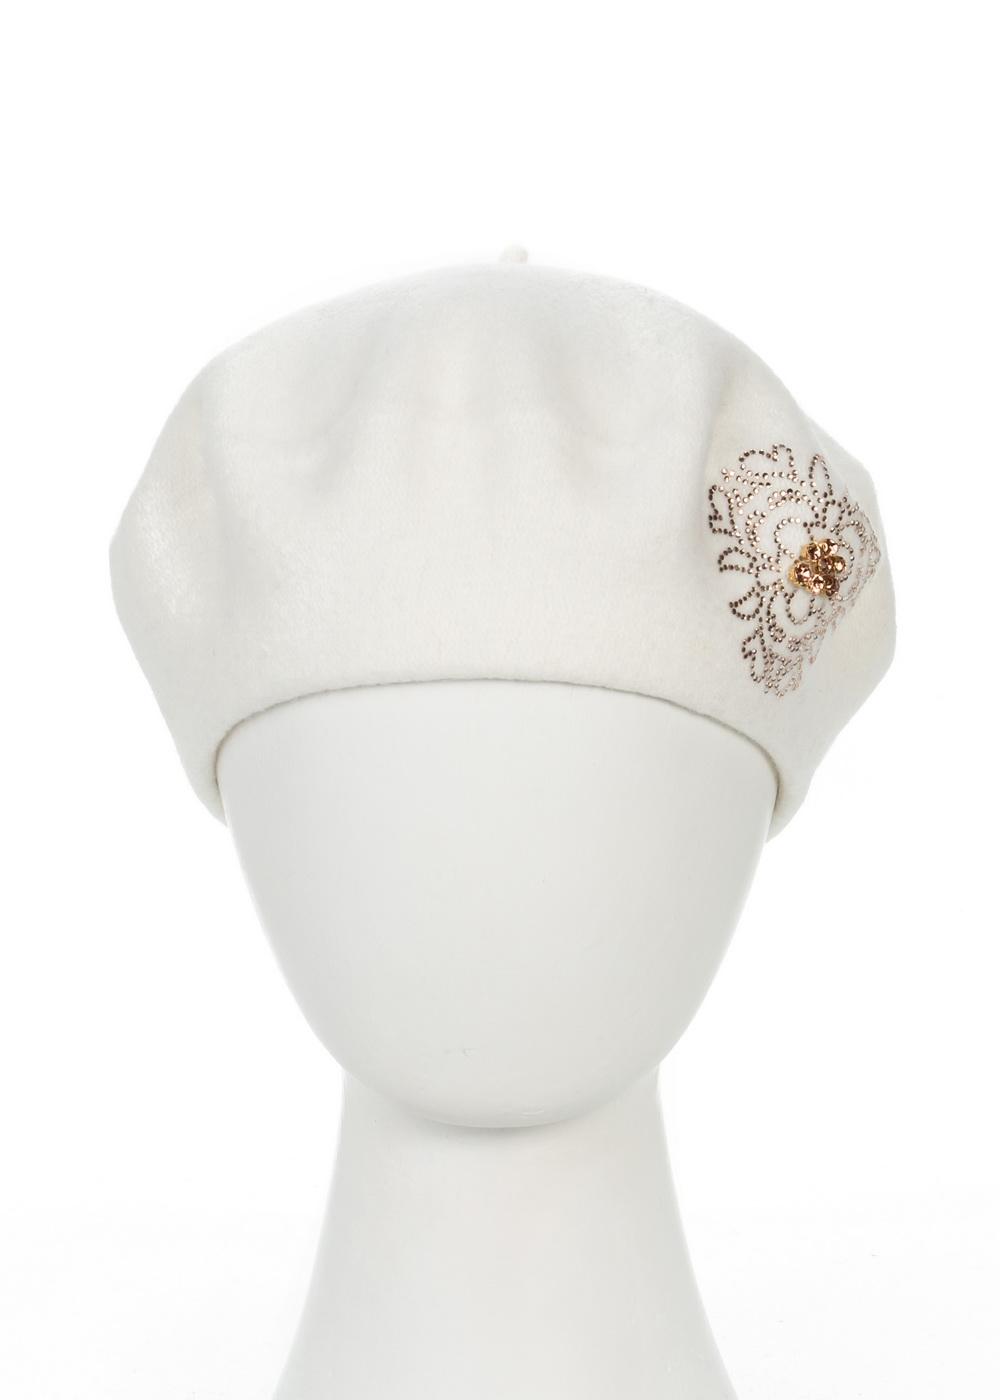 998465Теплый берет Avanta Nea, выполненный из натуральной шерсти, отлично дополнит ваш образ в холодную погоду. Модель оформлена оригинальным узором выложенным из страз. Такой берет, составит идеальный комплект с модной верхней одеждой, в нем вам будет уютно и тепло! Уважаемые клиенты! Размер, доступный для заказа, является обхватом головы.